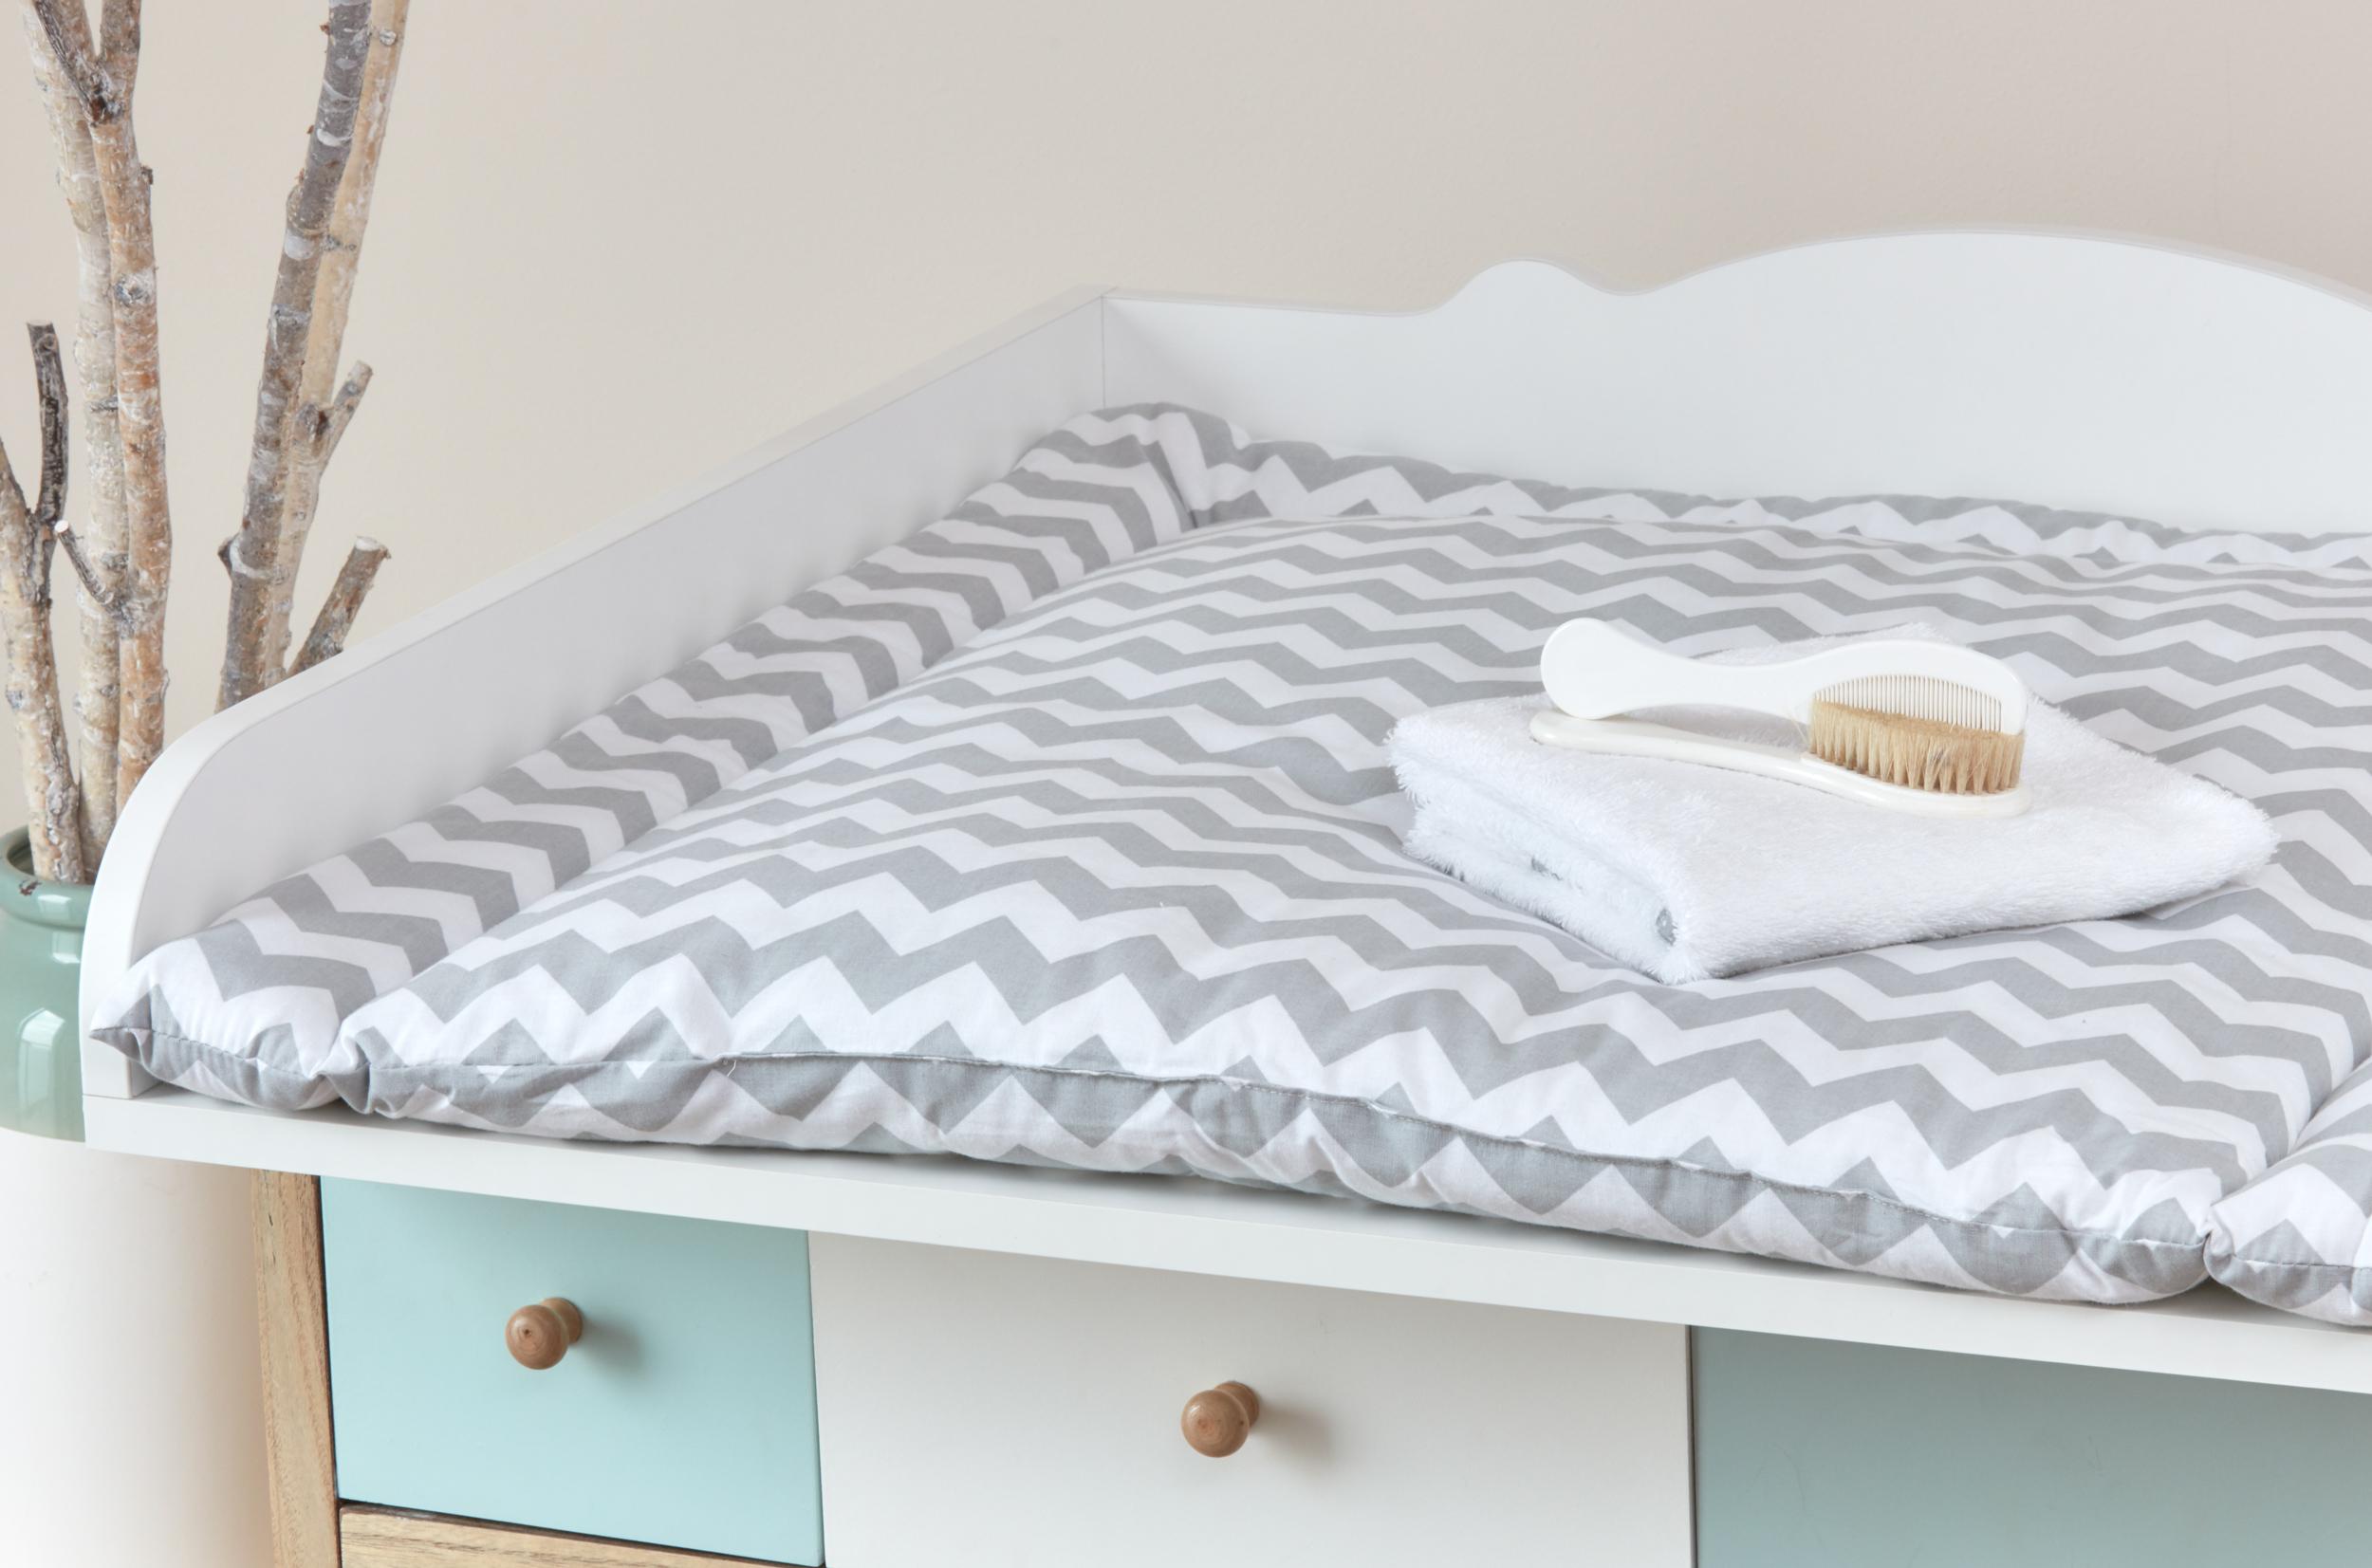 kraftkids wickelauflage chevron grau breit 78 x tief 78 cm z b f r malm oder hemnes wickelaufsatz. Black Bedroom Furniture Sets. Home Design Ideas